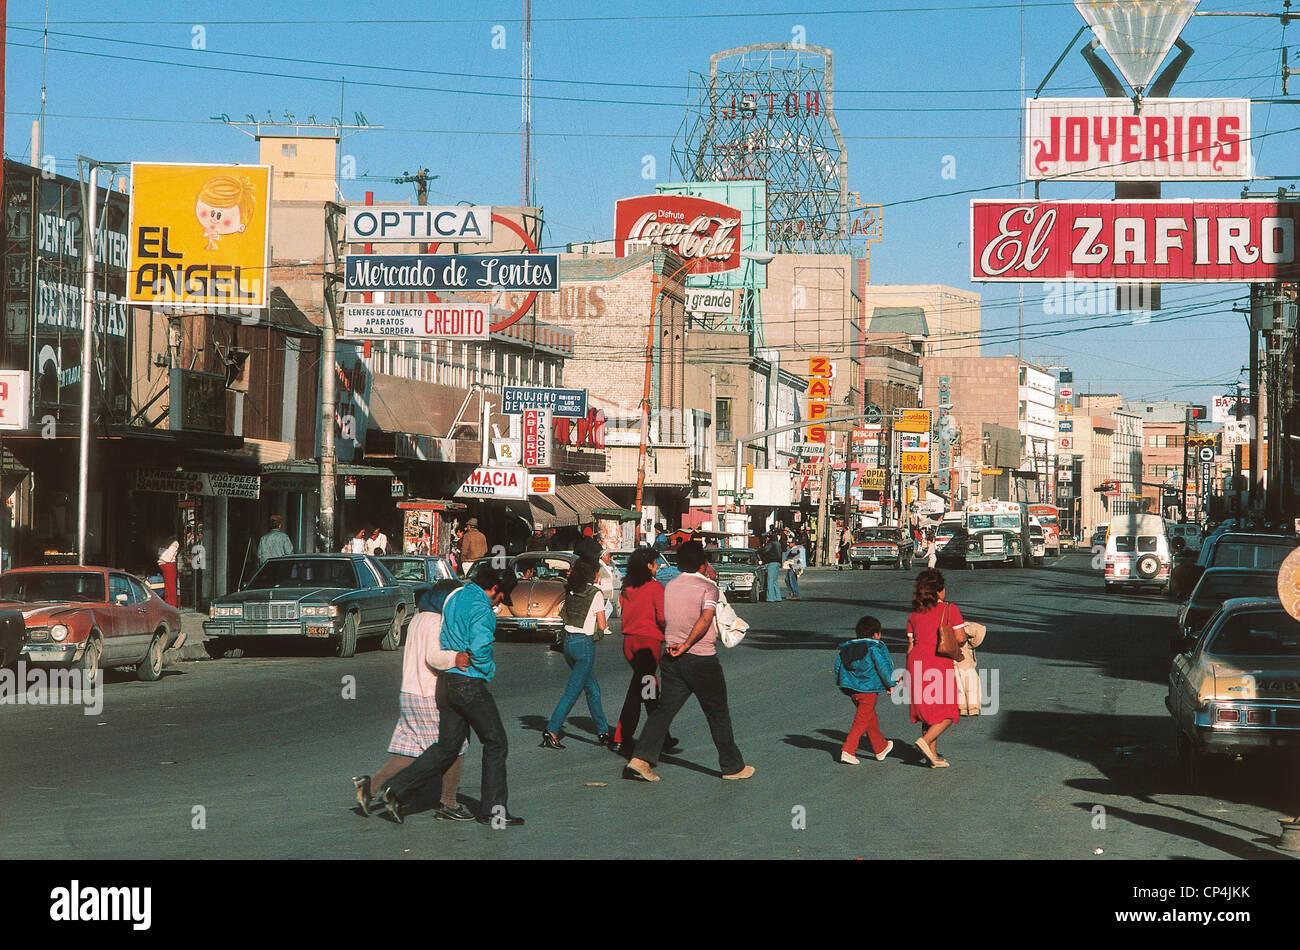 ciudad juarez chatrooms Introducción el día de hoy les traigo toda la información que deben saber sobre las proyecciones de las películas recopilatorias que se presentaran en méxico.